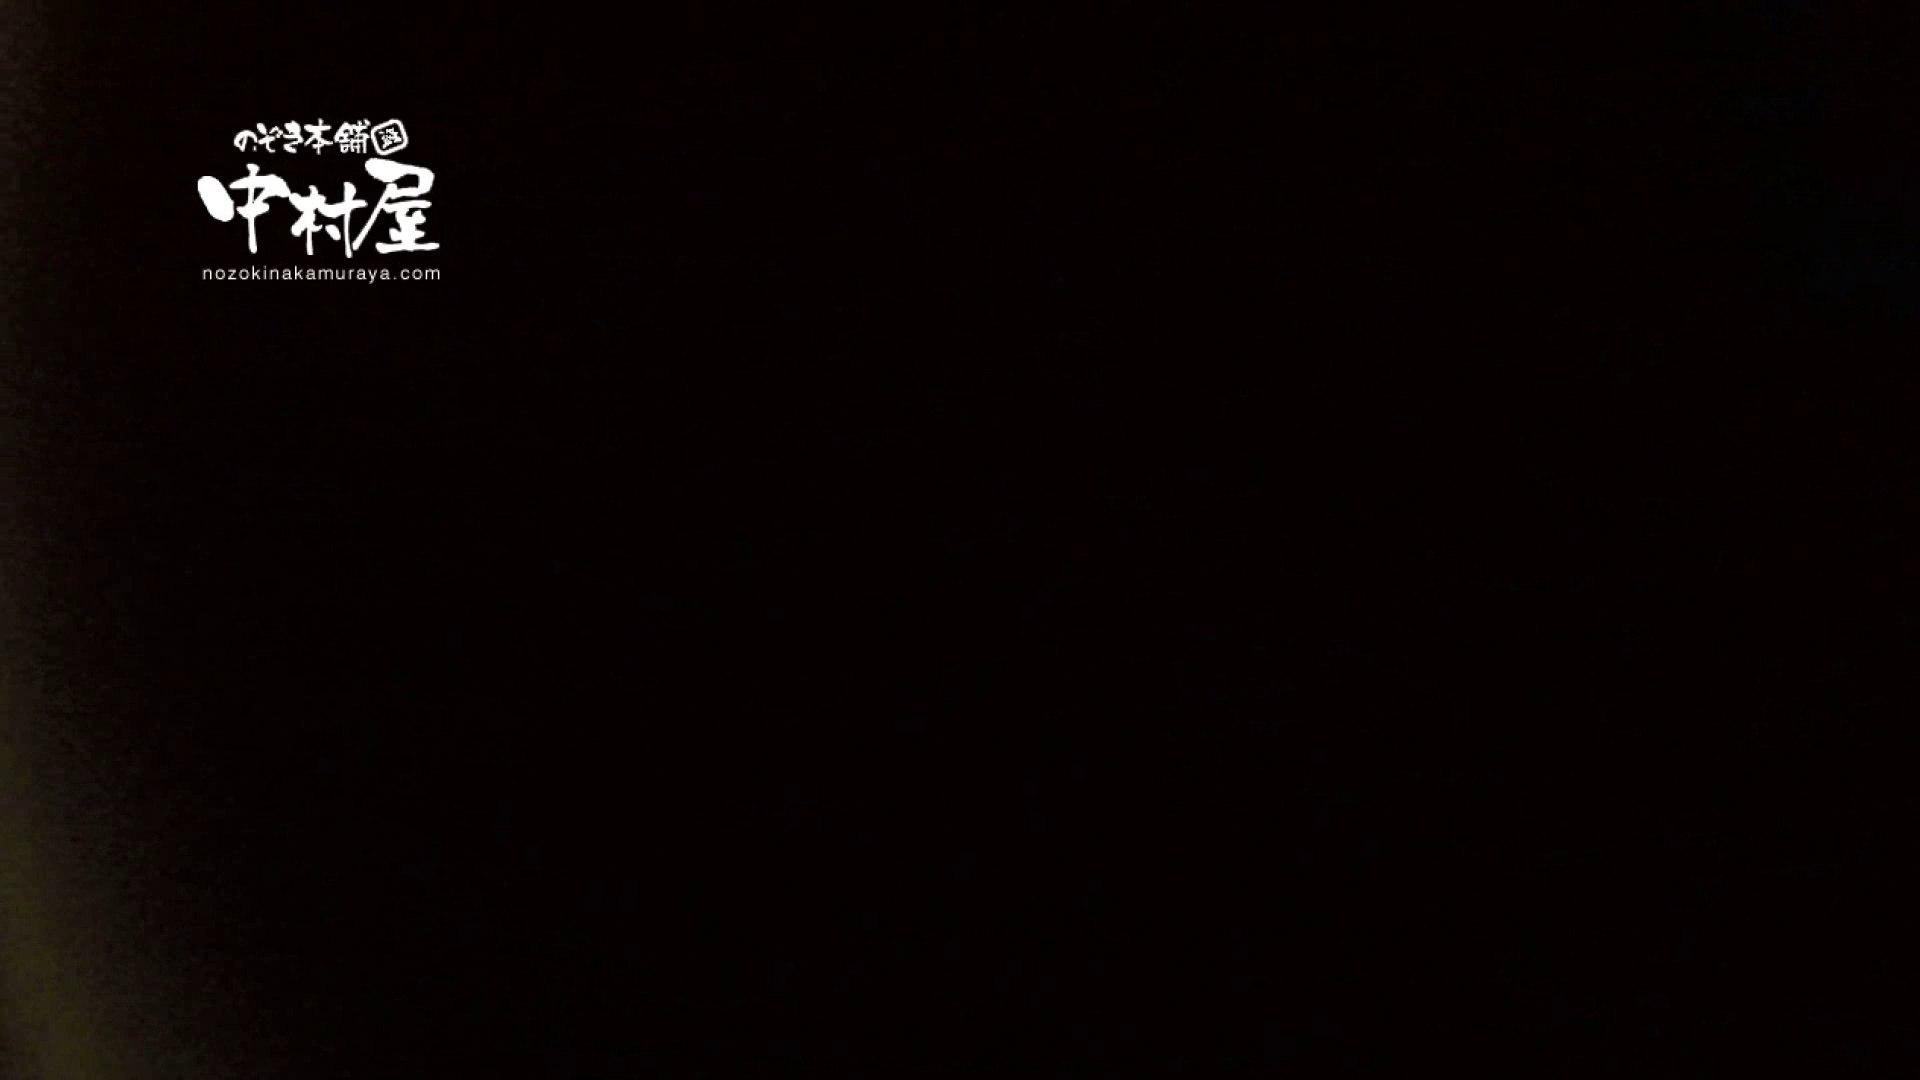 鬼畜 vol.08 極悪!妊娠覚悟の中出し! 前編 中出し   鬼畜  81pic 1